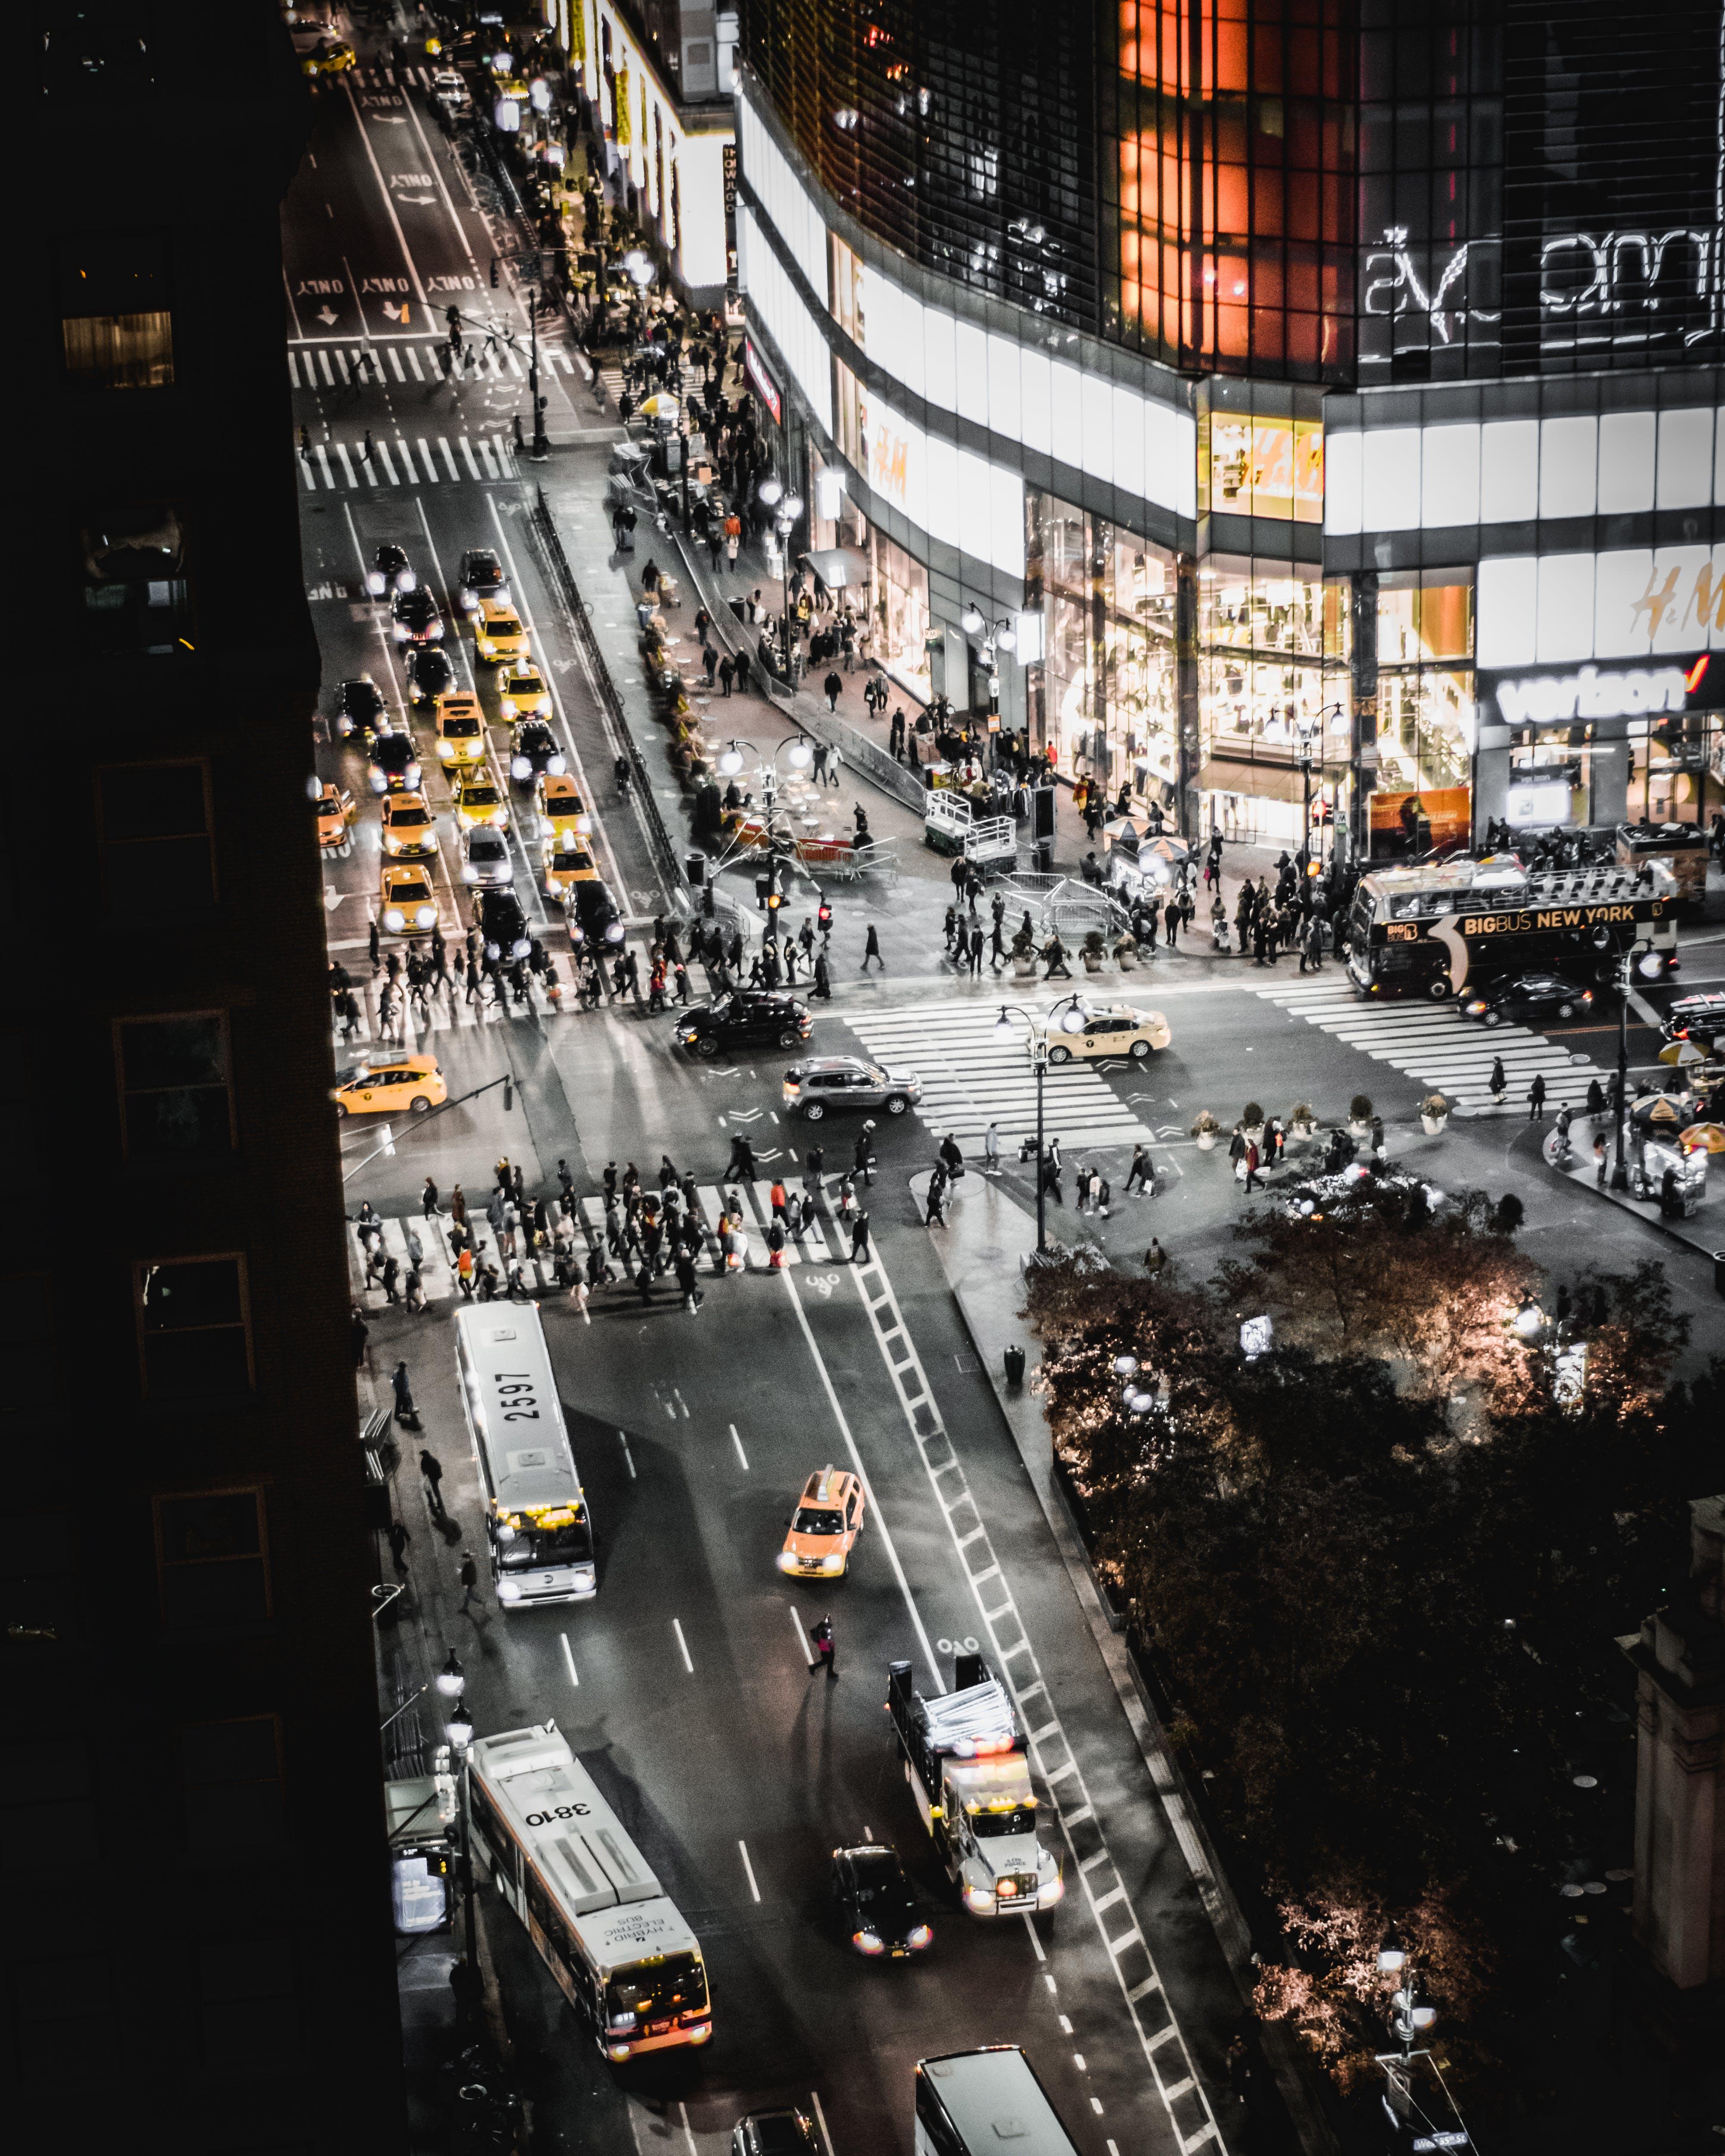 Kostenloses Stock Foto zu autobahn, autos, beleuchtung, busse